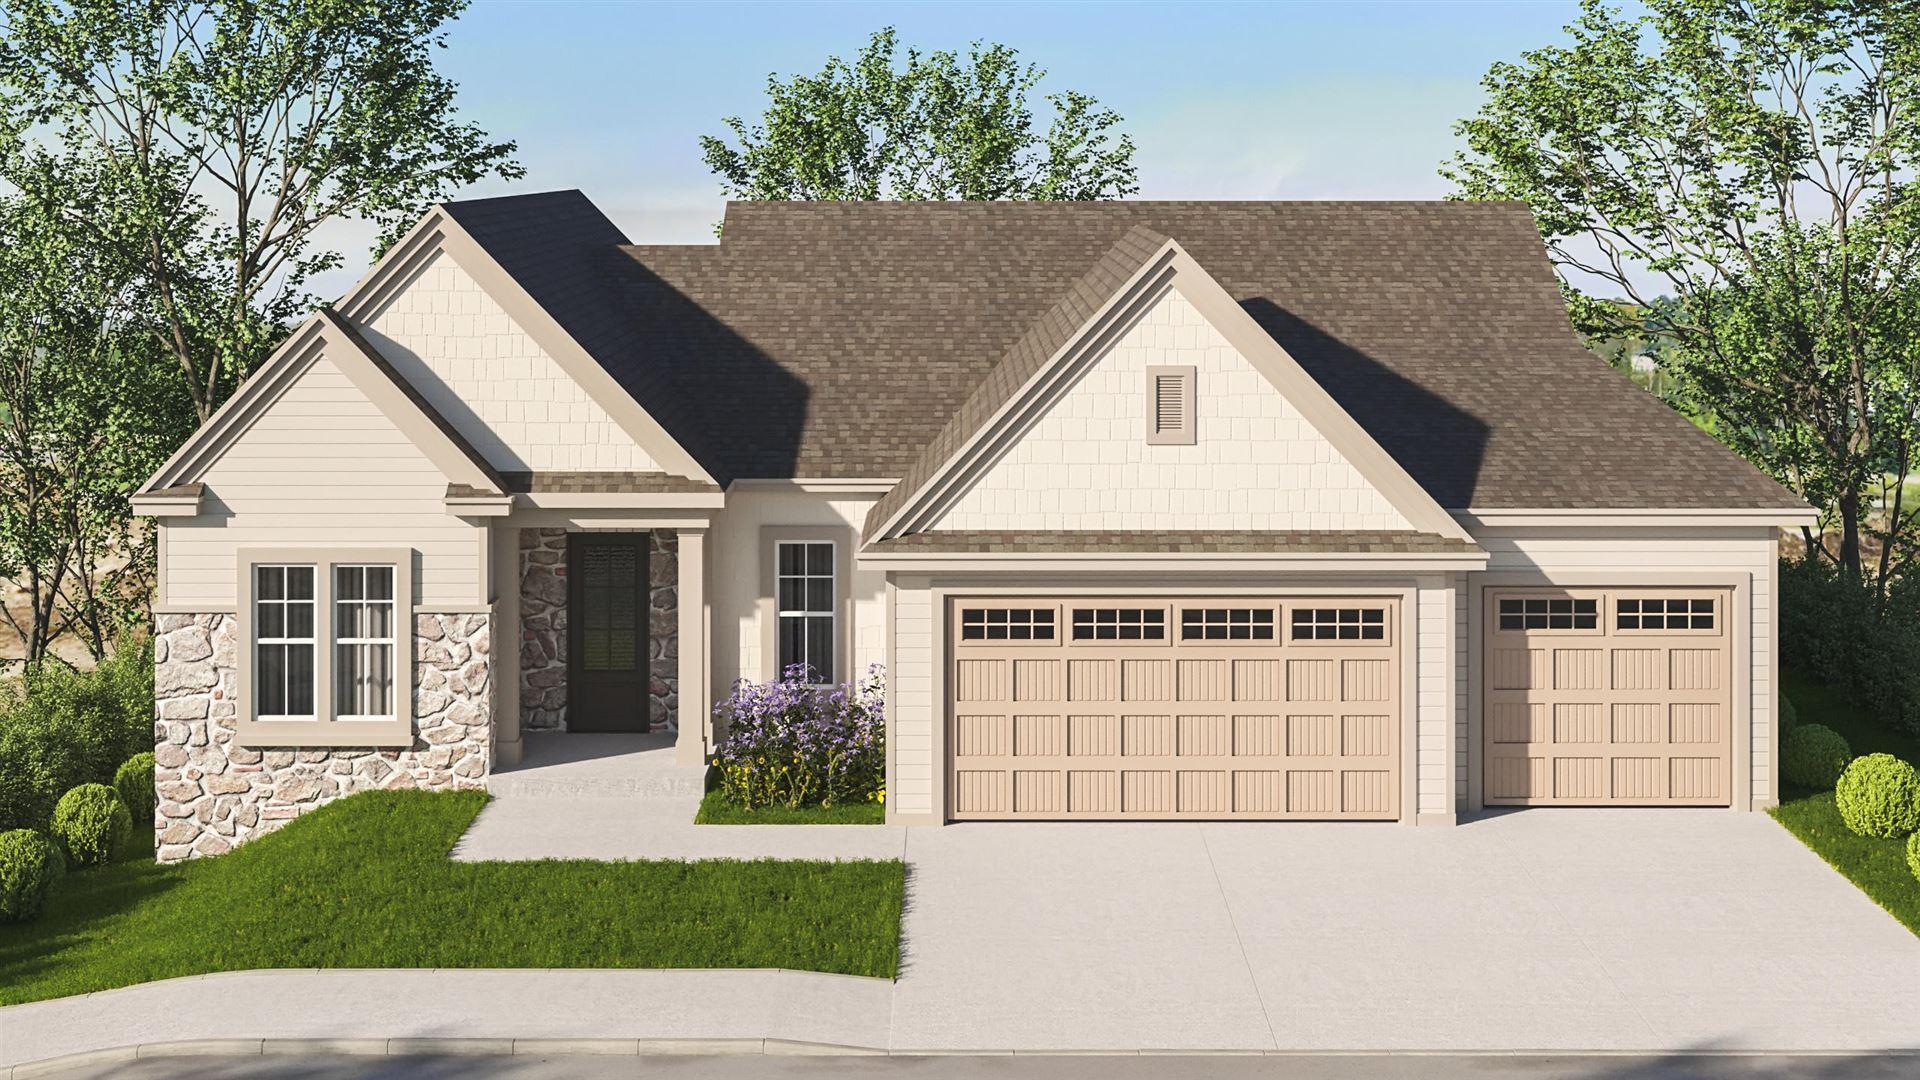 18820 North Hills Dr, Brookfield, WI 53045 - MLS#: 1730853